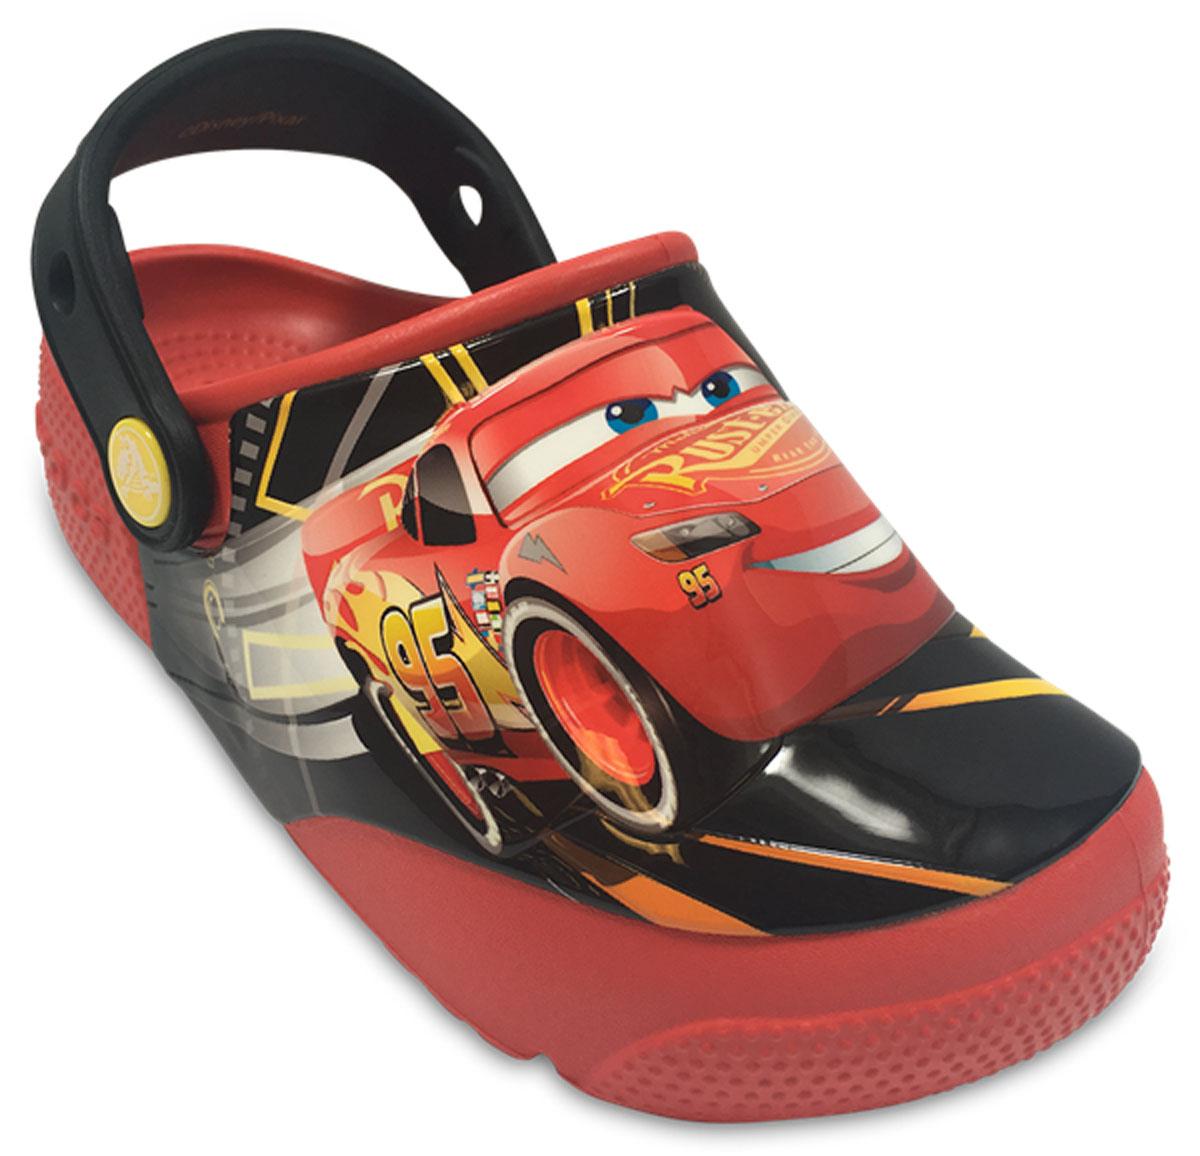 Сабо детские Crocs FunLab Lights Cars 3 Clog, цвет: красный. 204138-8C1. Размер C7 (24)204138-8C1